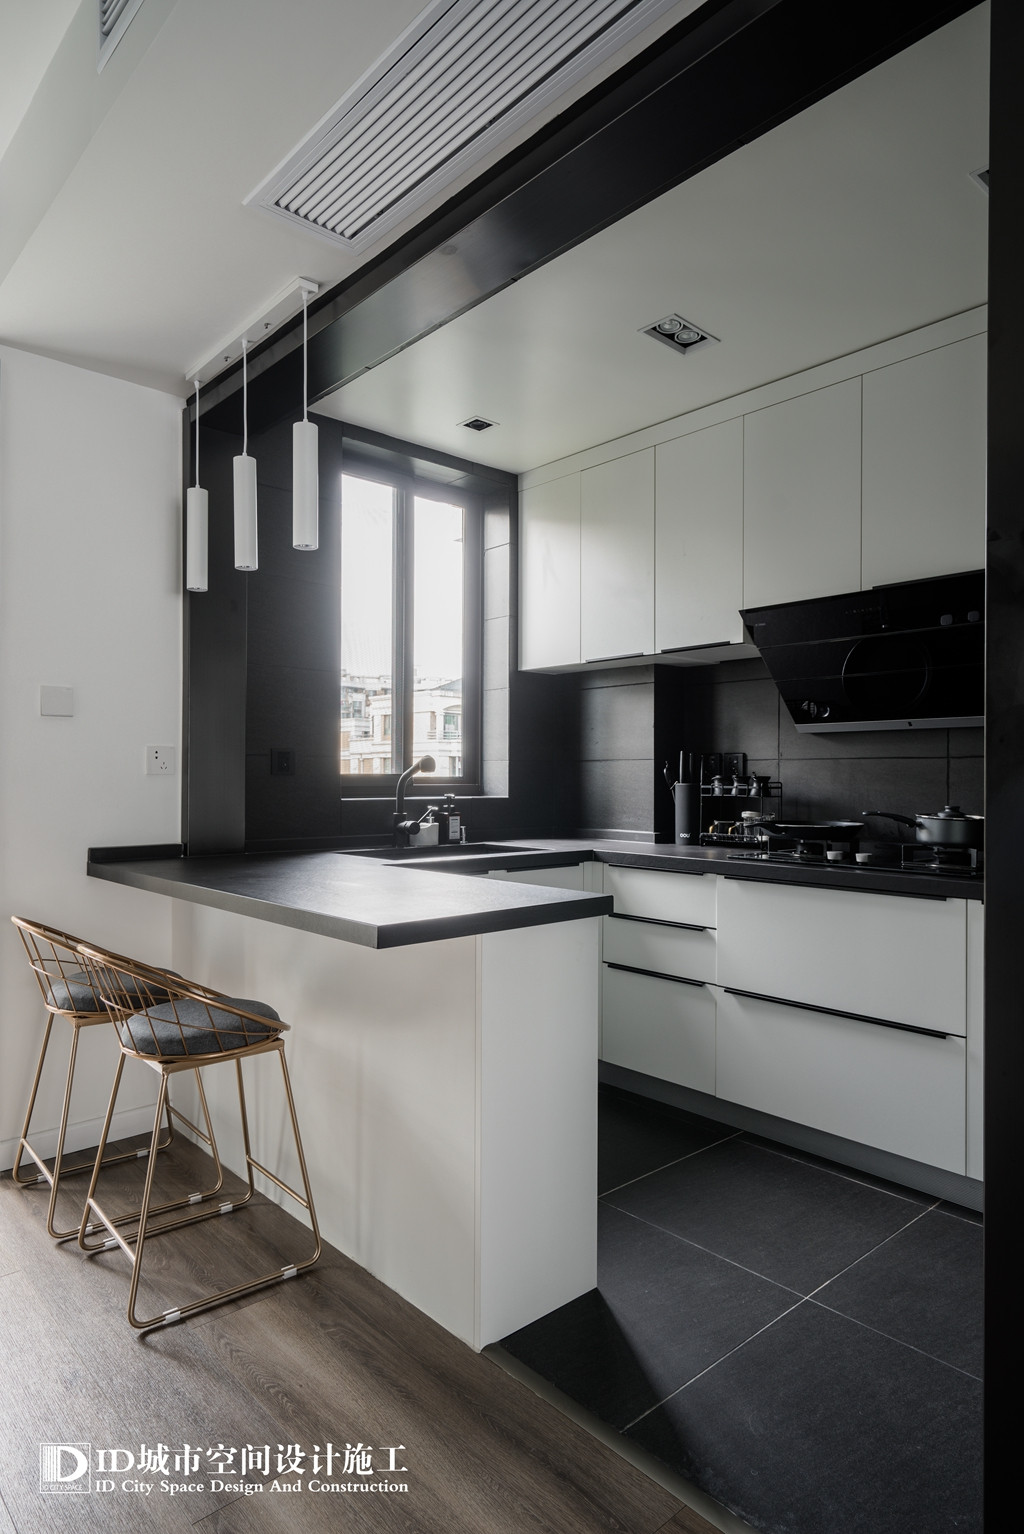 102㎡现代简约二居厨房吧台装修效果图